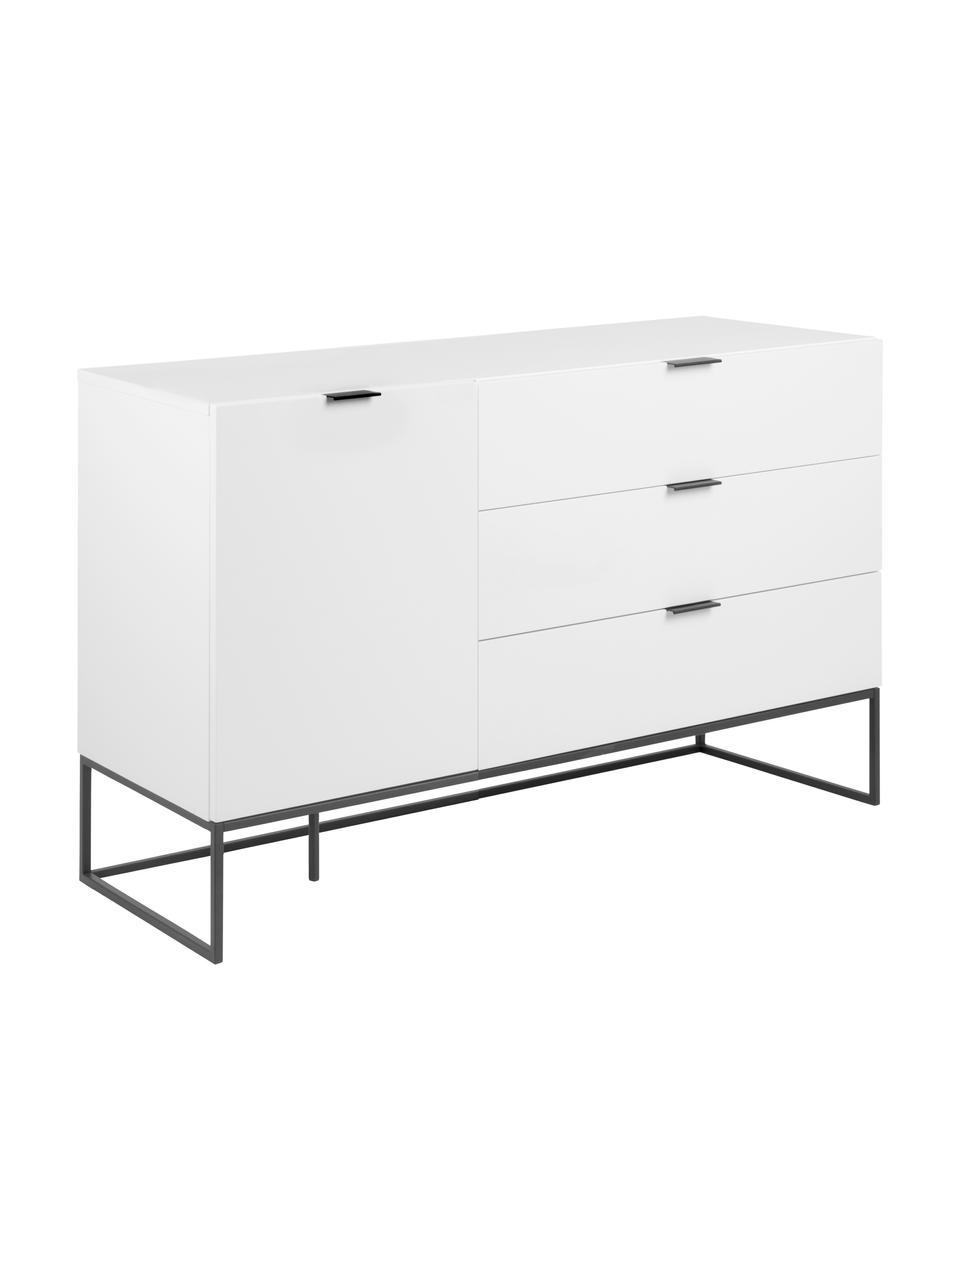 Sideboard Kobe mit Schubladen in Weiß, Weiß, Schwarz, 134 x 80 cm